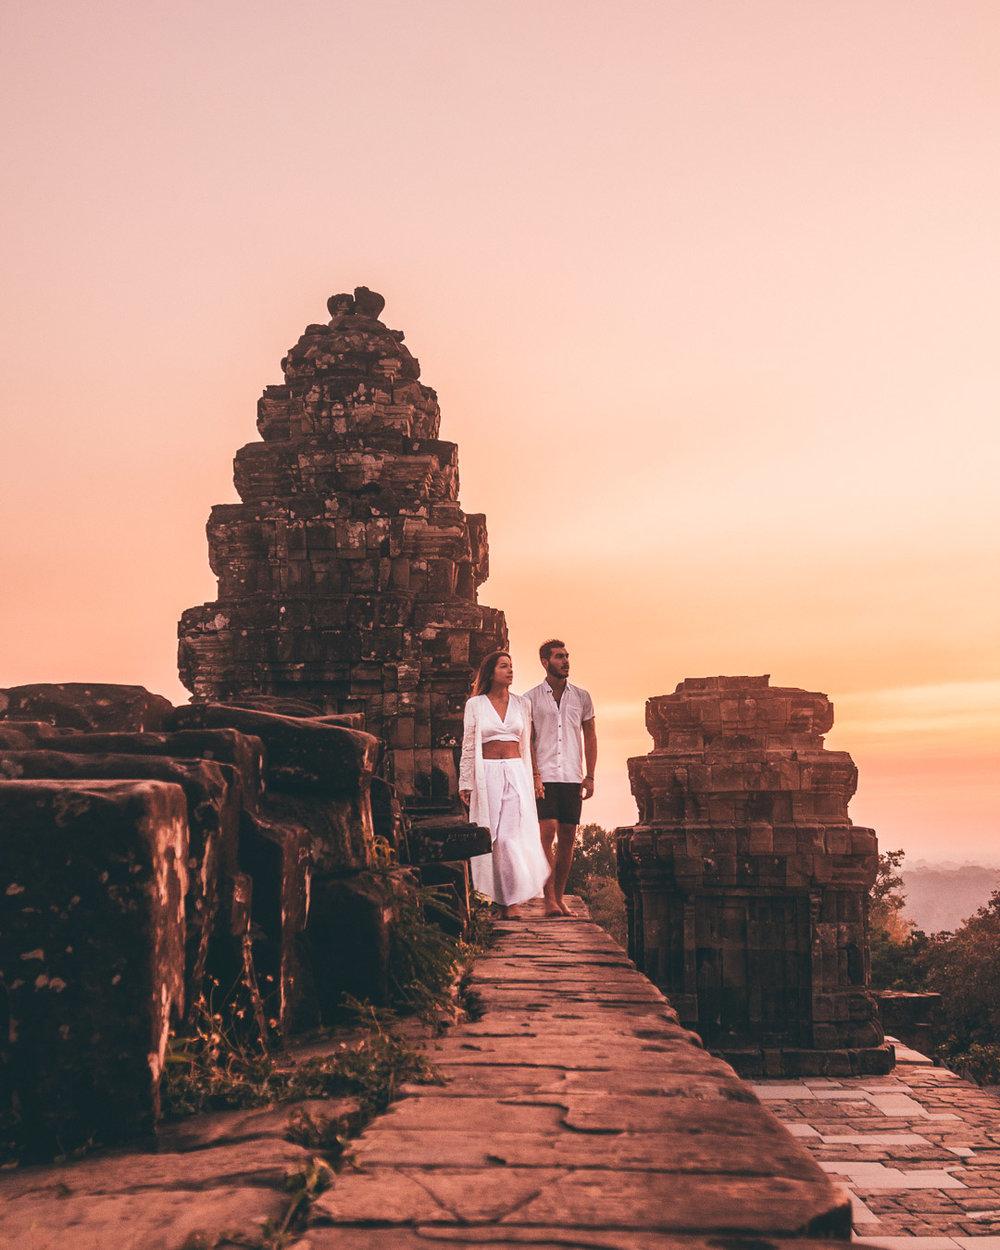 sunrise angkor watt cambodia siem reap temples